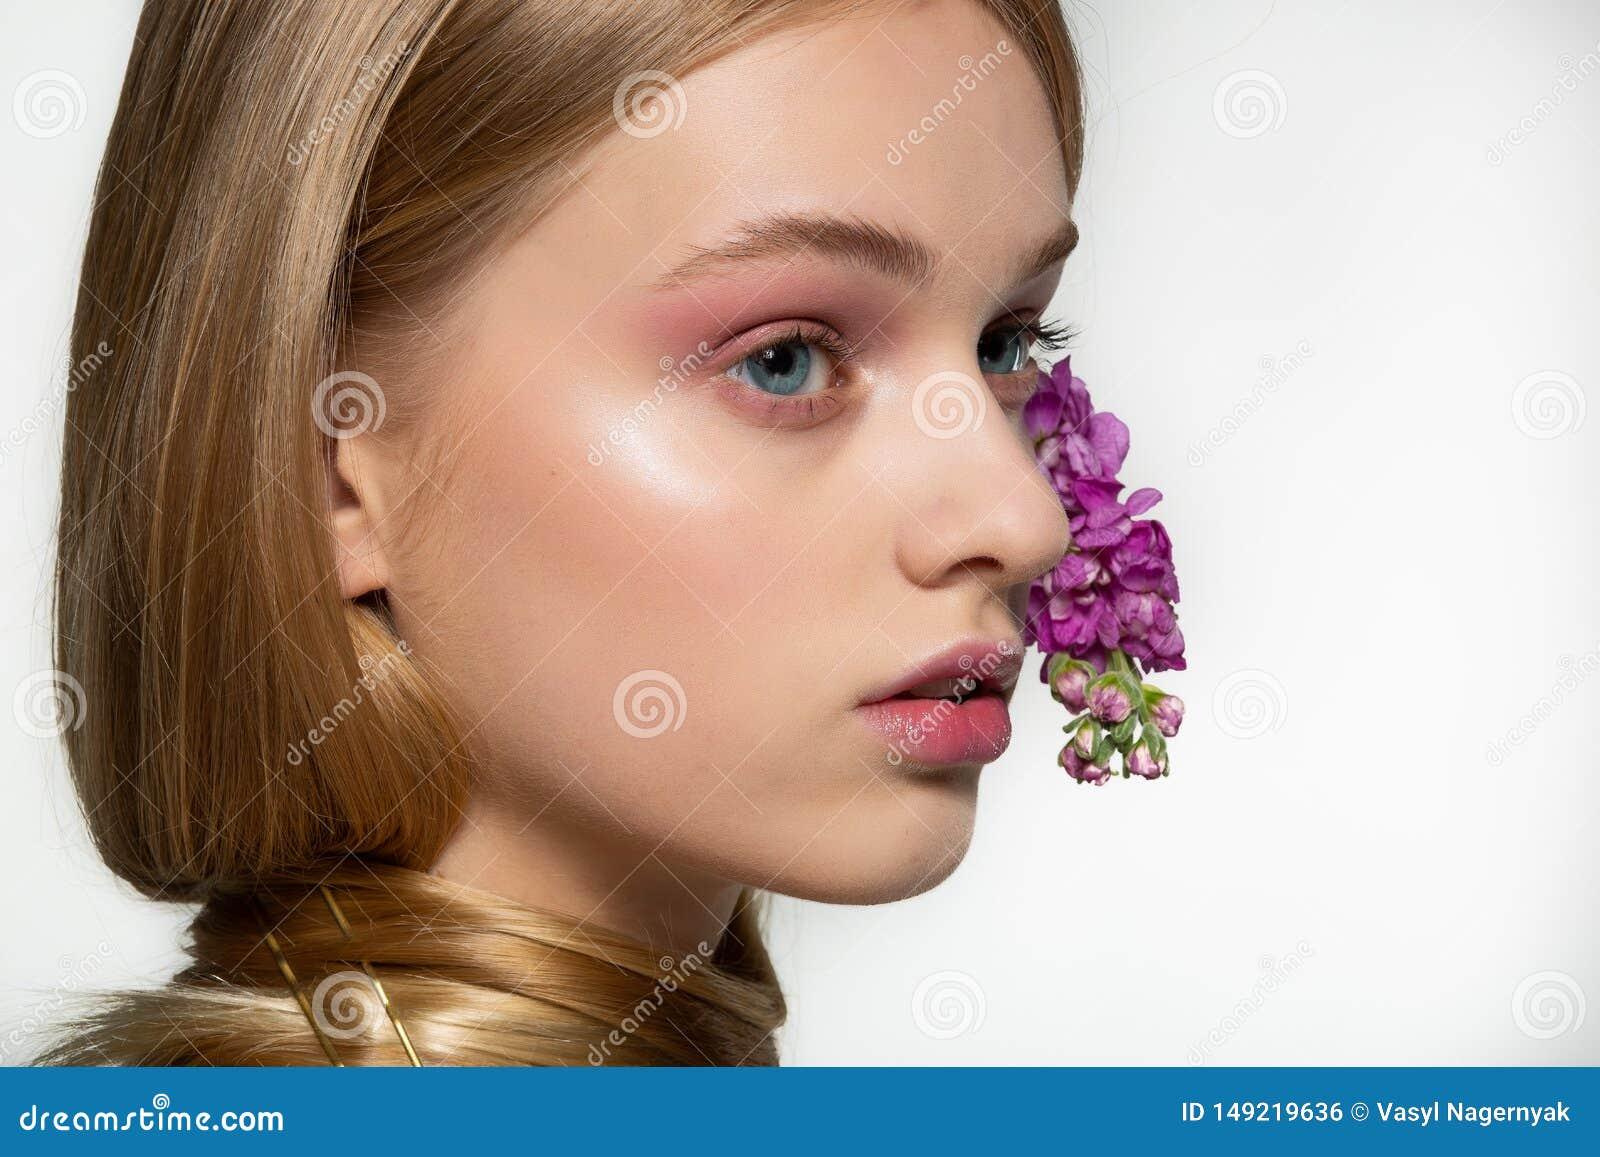 Ritratto alto vicino della ragazza con gli occhi azzurri, trucco luminoso, collo avvolto in capelli, fiori porpora arricciati in